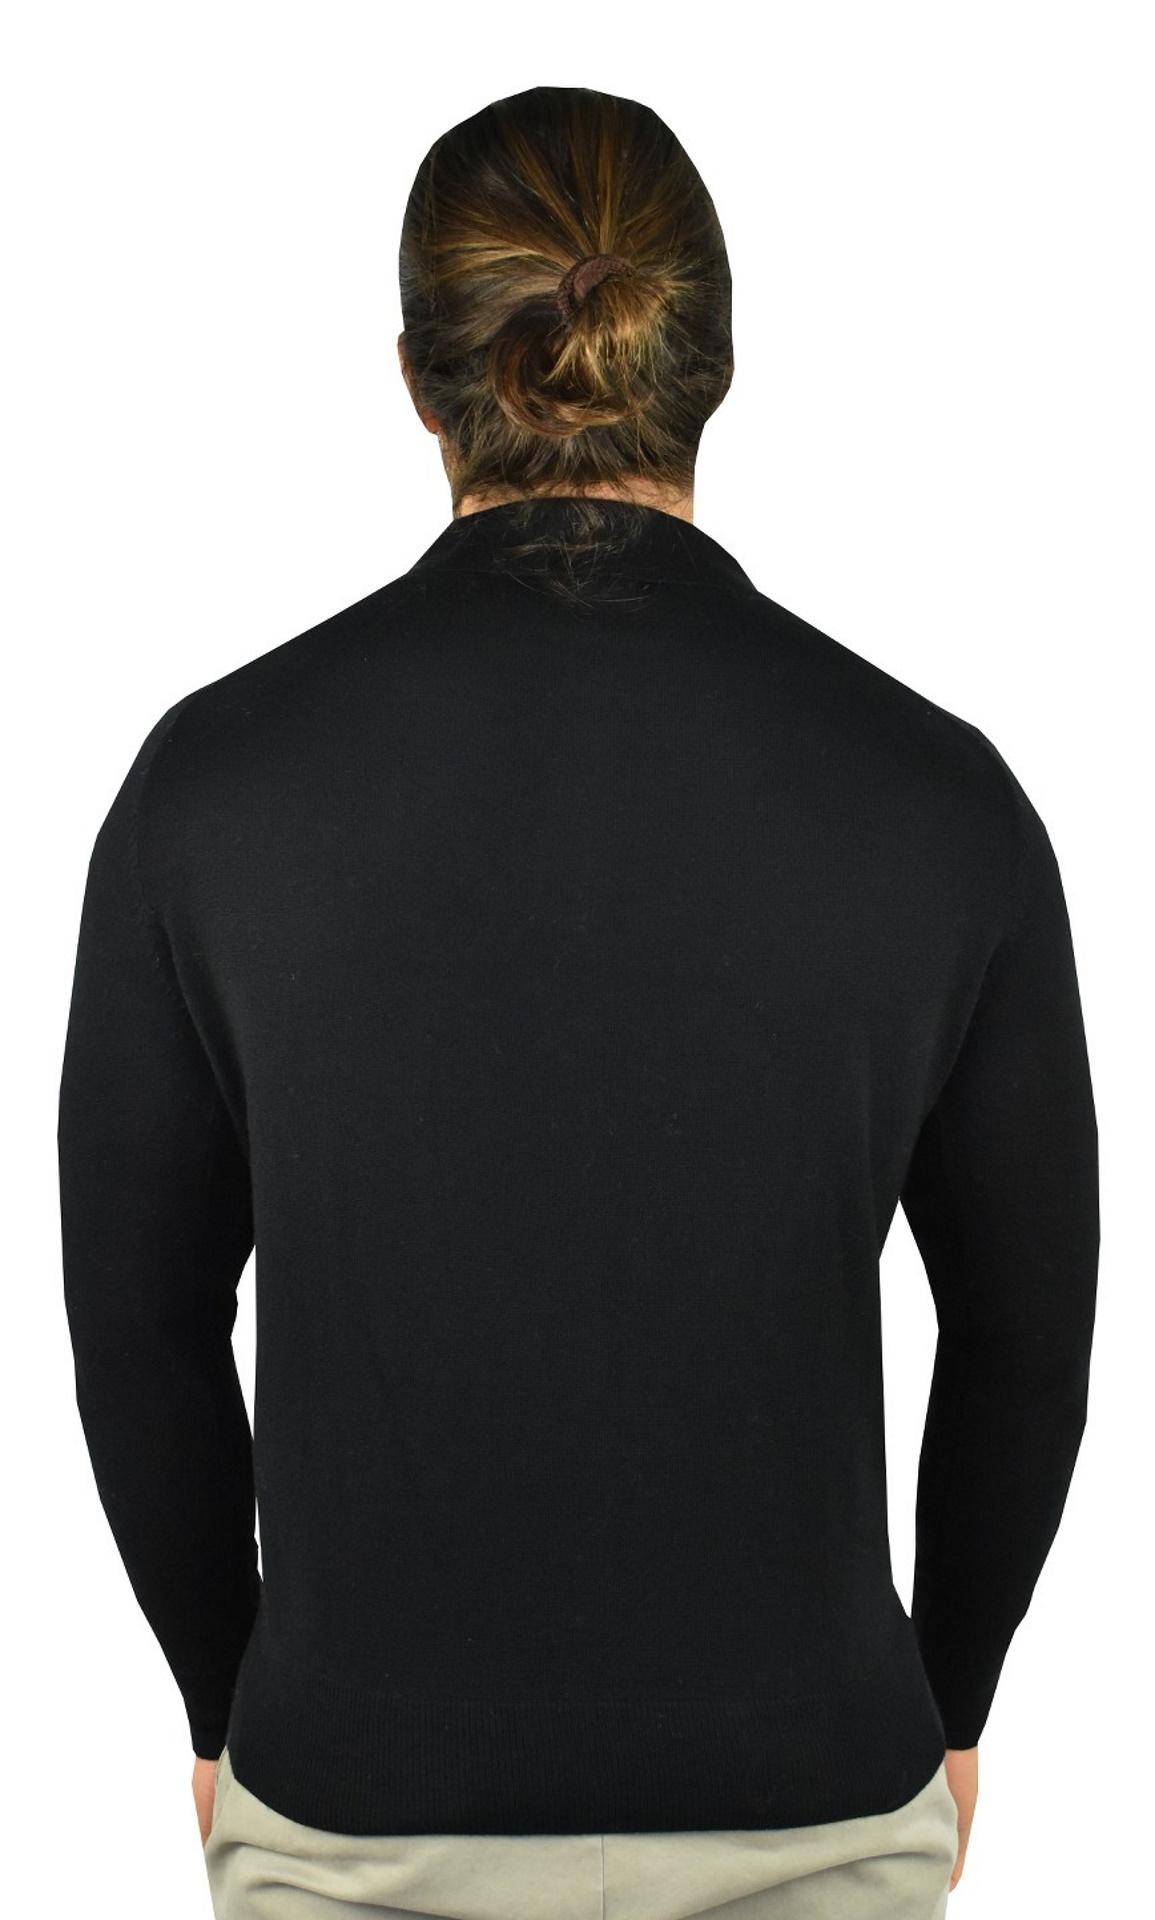 MARCO NERO POLO UOMO CASHMERE SETA CON 3 BOTTONI MANICA LUNGA 1 1stAmerican polo in cashmere e seta da uomo polo con 3 bottoni - maglia invernale finezza 14